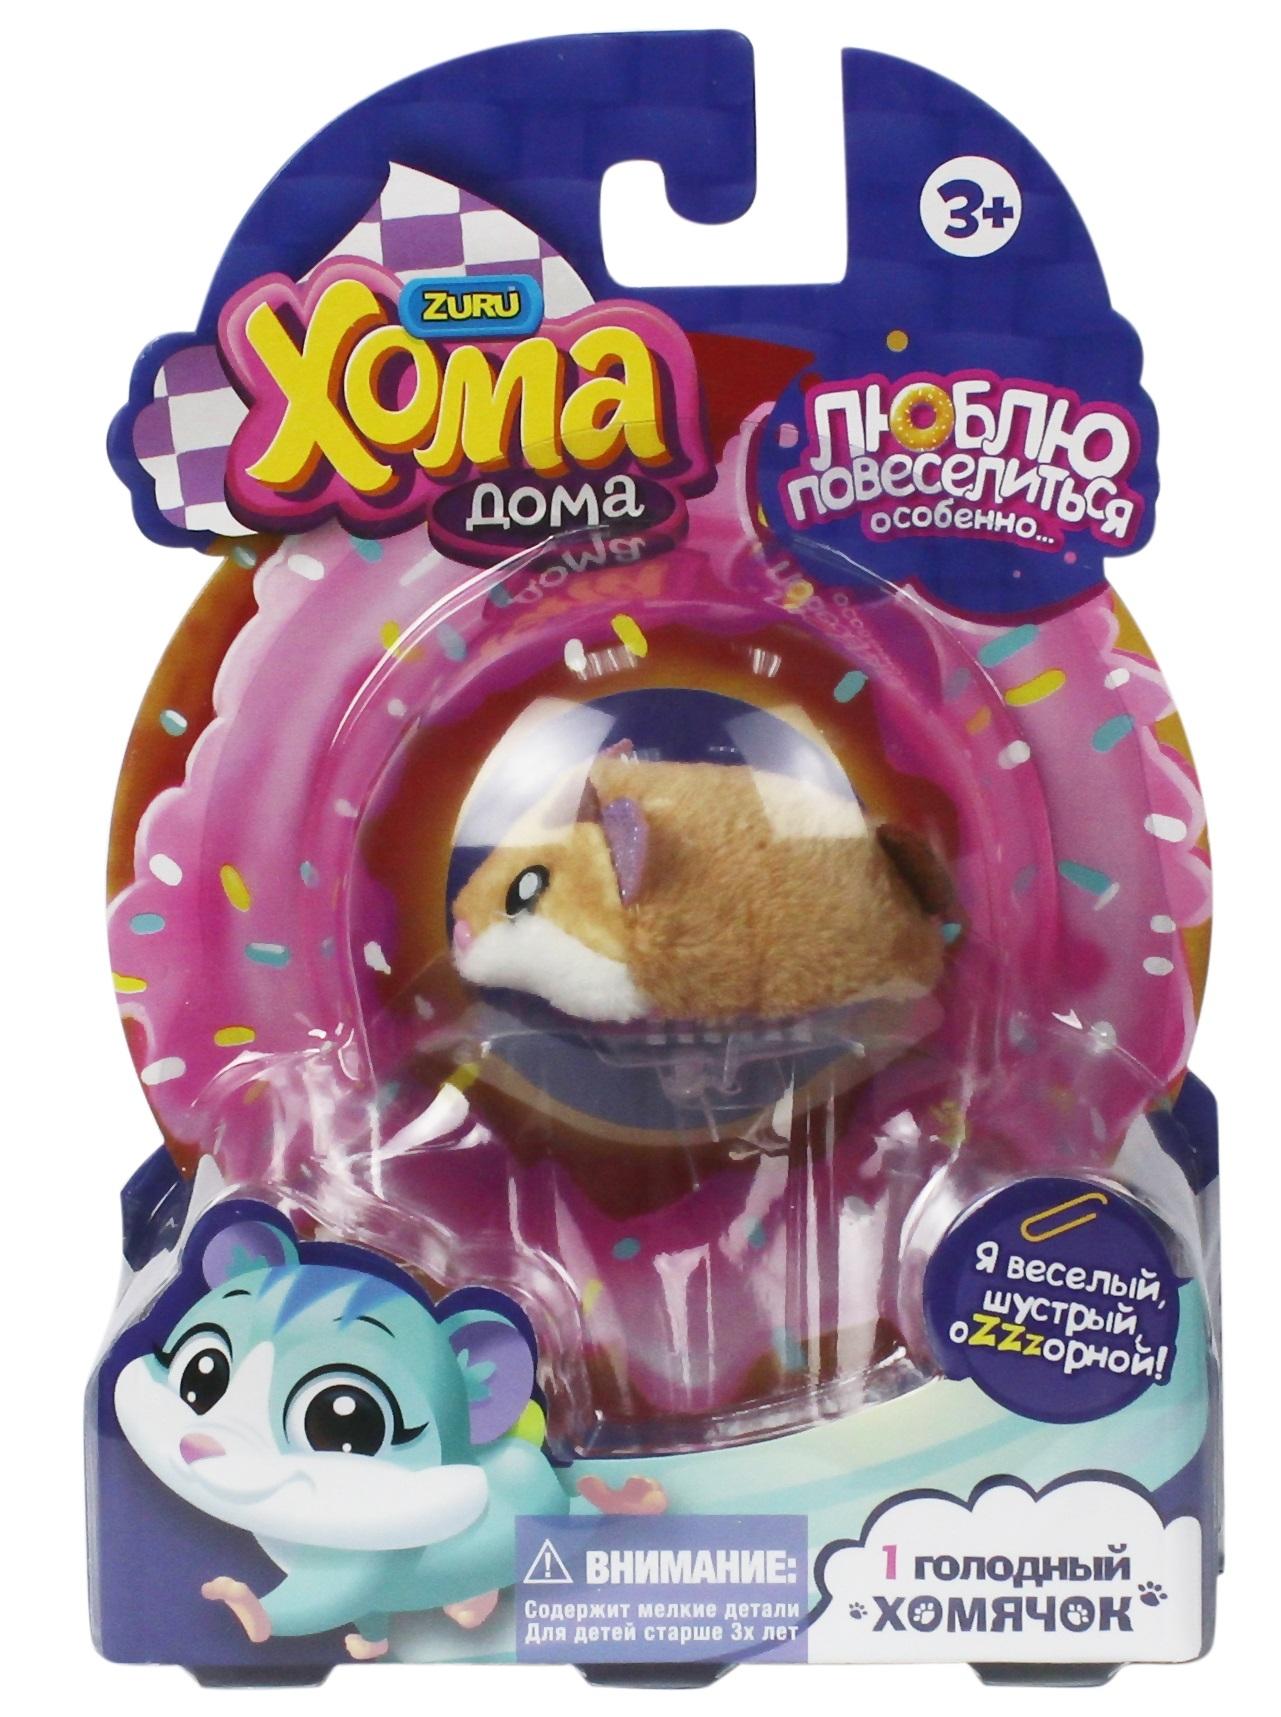 Фото - Интерактивная игрушка 1toy Хомячок коричневый интерактивные животные 1toy хомячок 1toy хома дома коричневый